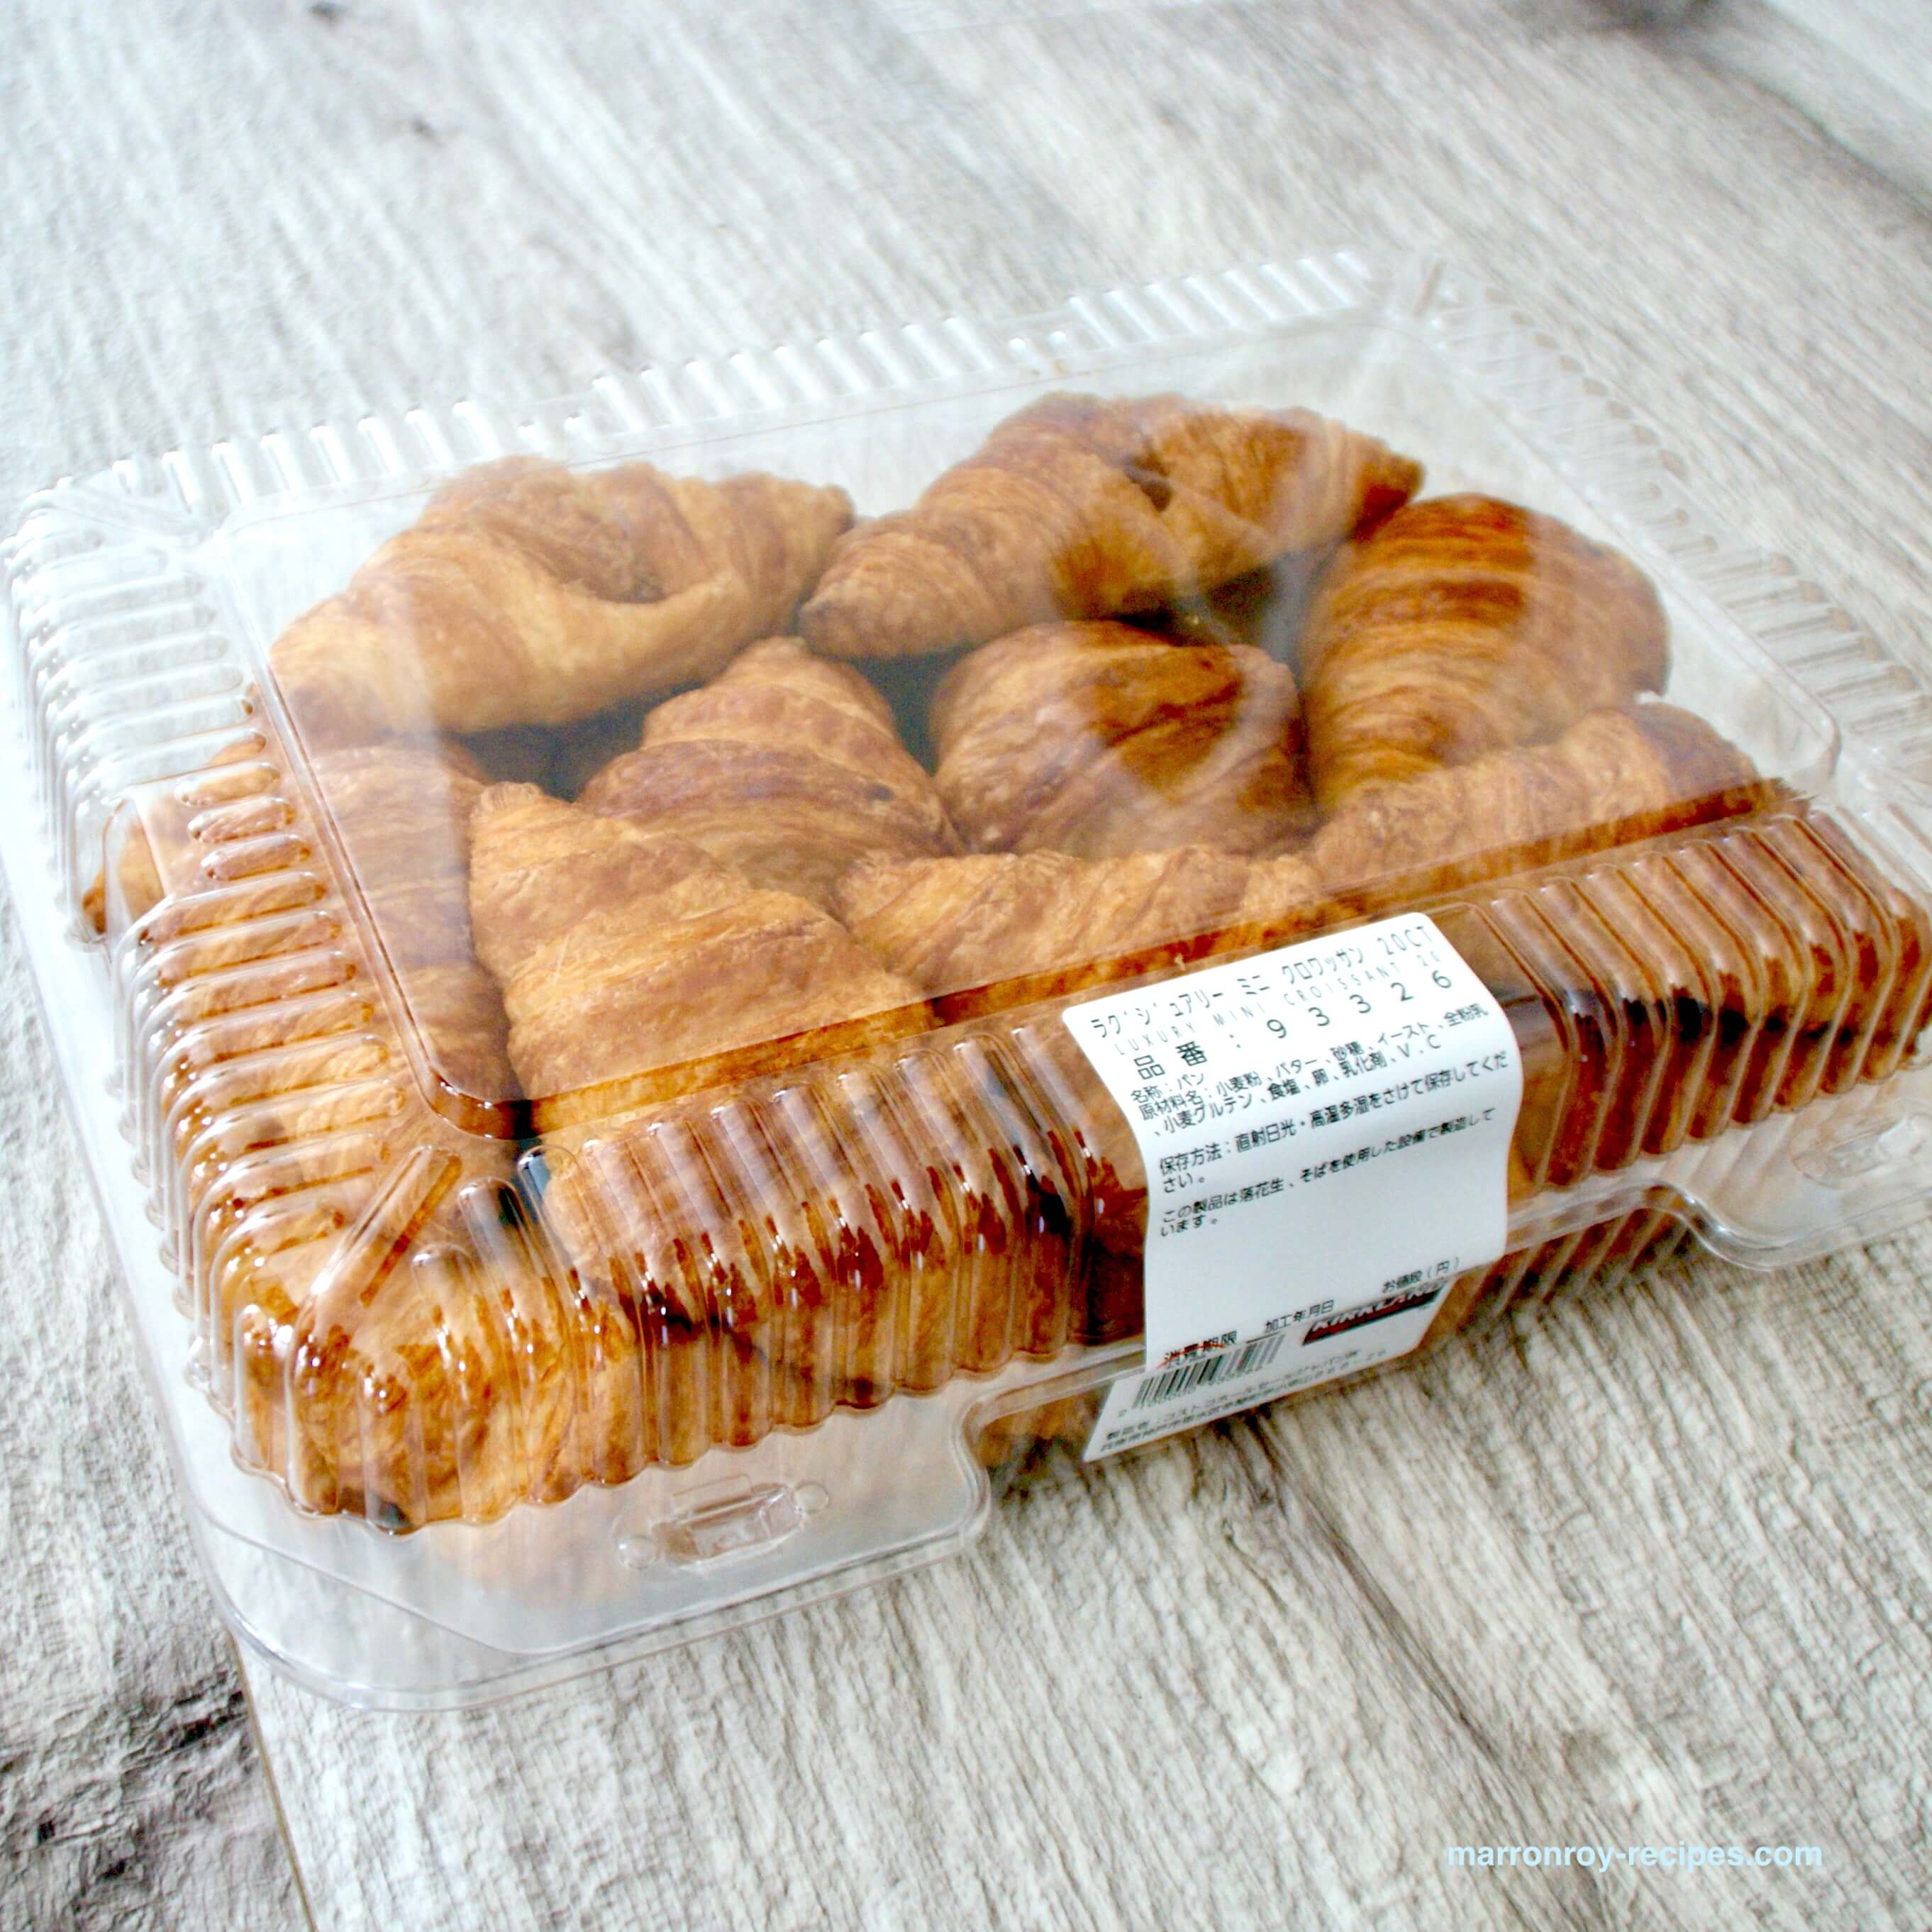 コストコのパンはどれが好き?〜全35種類!我が家のパン購入履歴〜